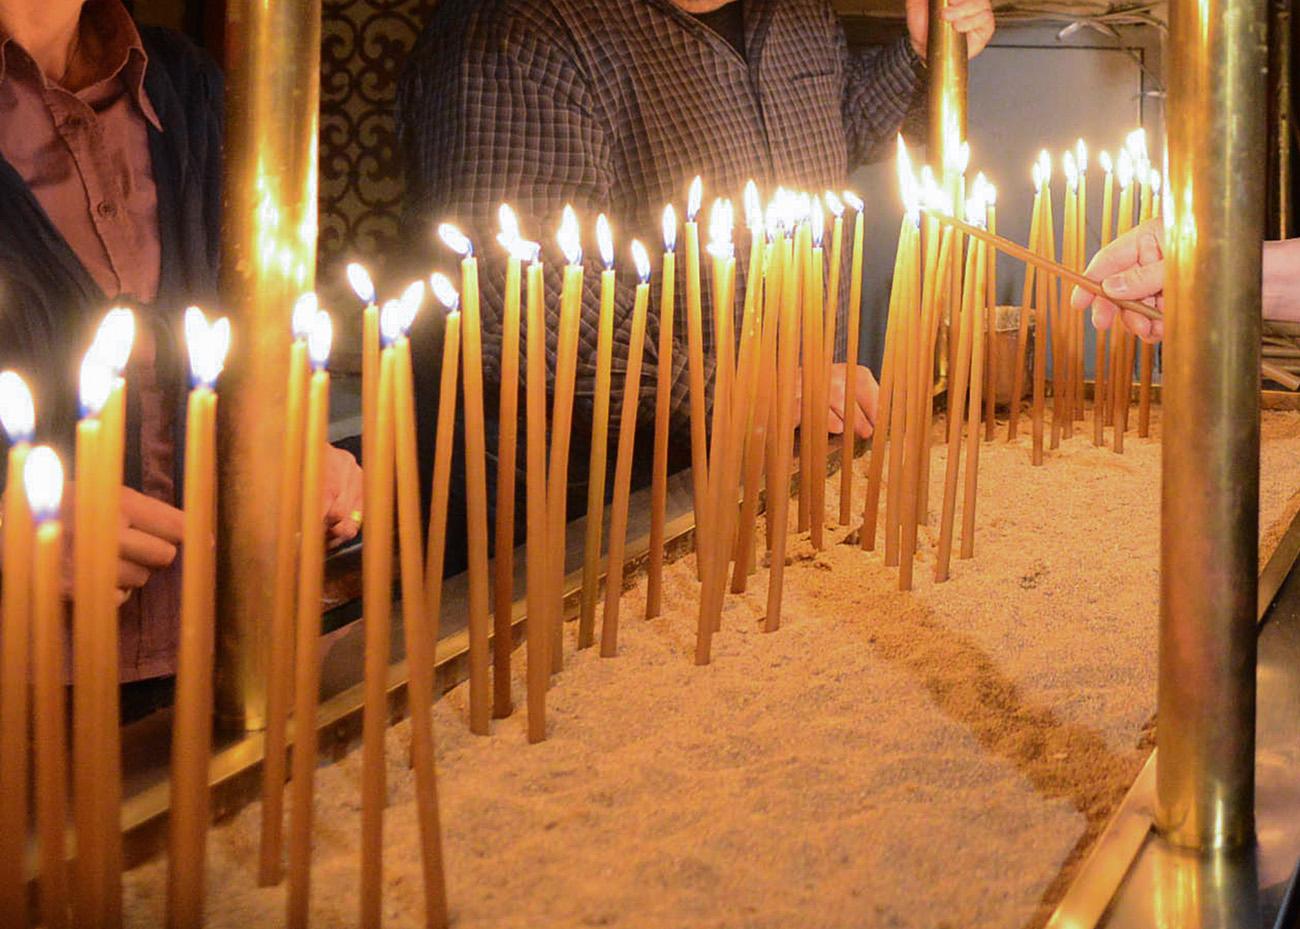 Γιατί ο Άγιος περιμένει έως και 40 χρόνια το τάμα του;